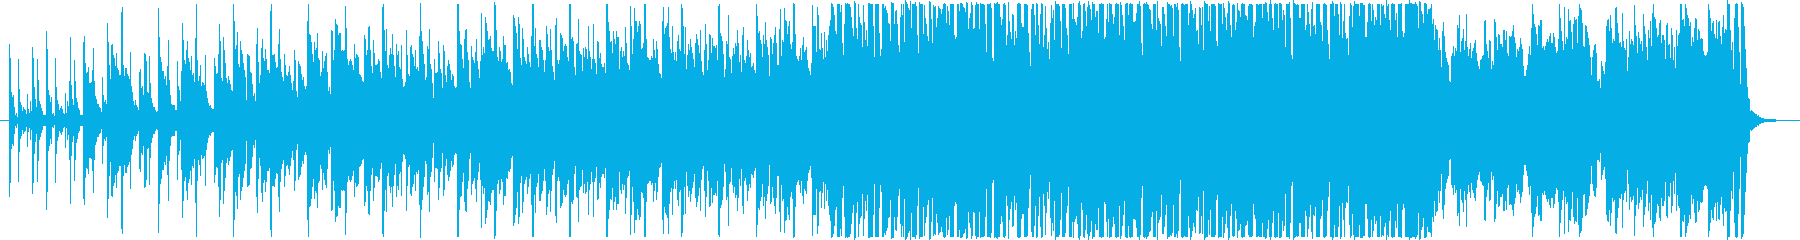 ライブルーピング的なダーク系ヒップホップの再生済みの波形